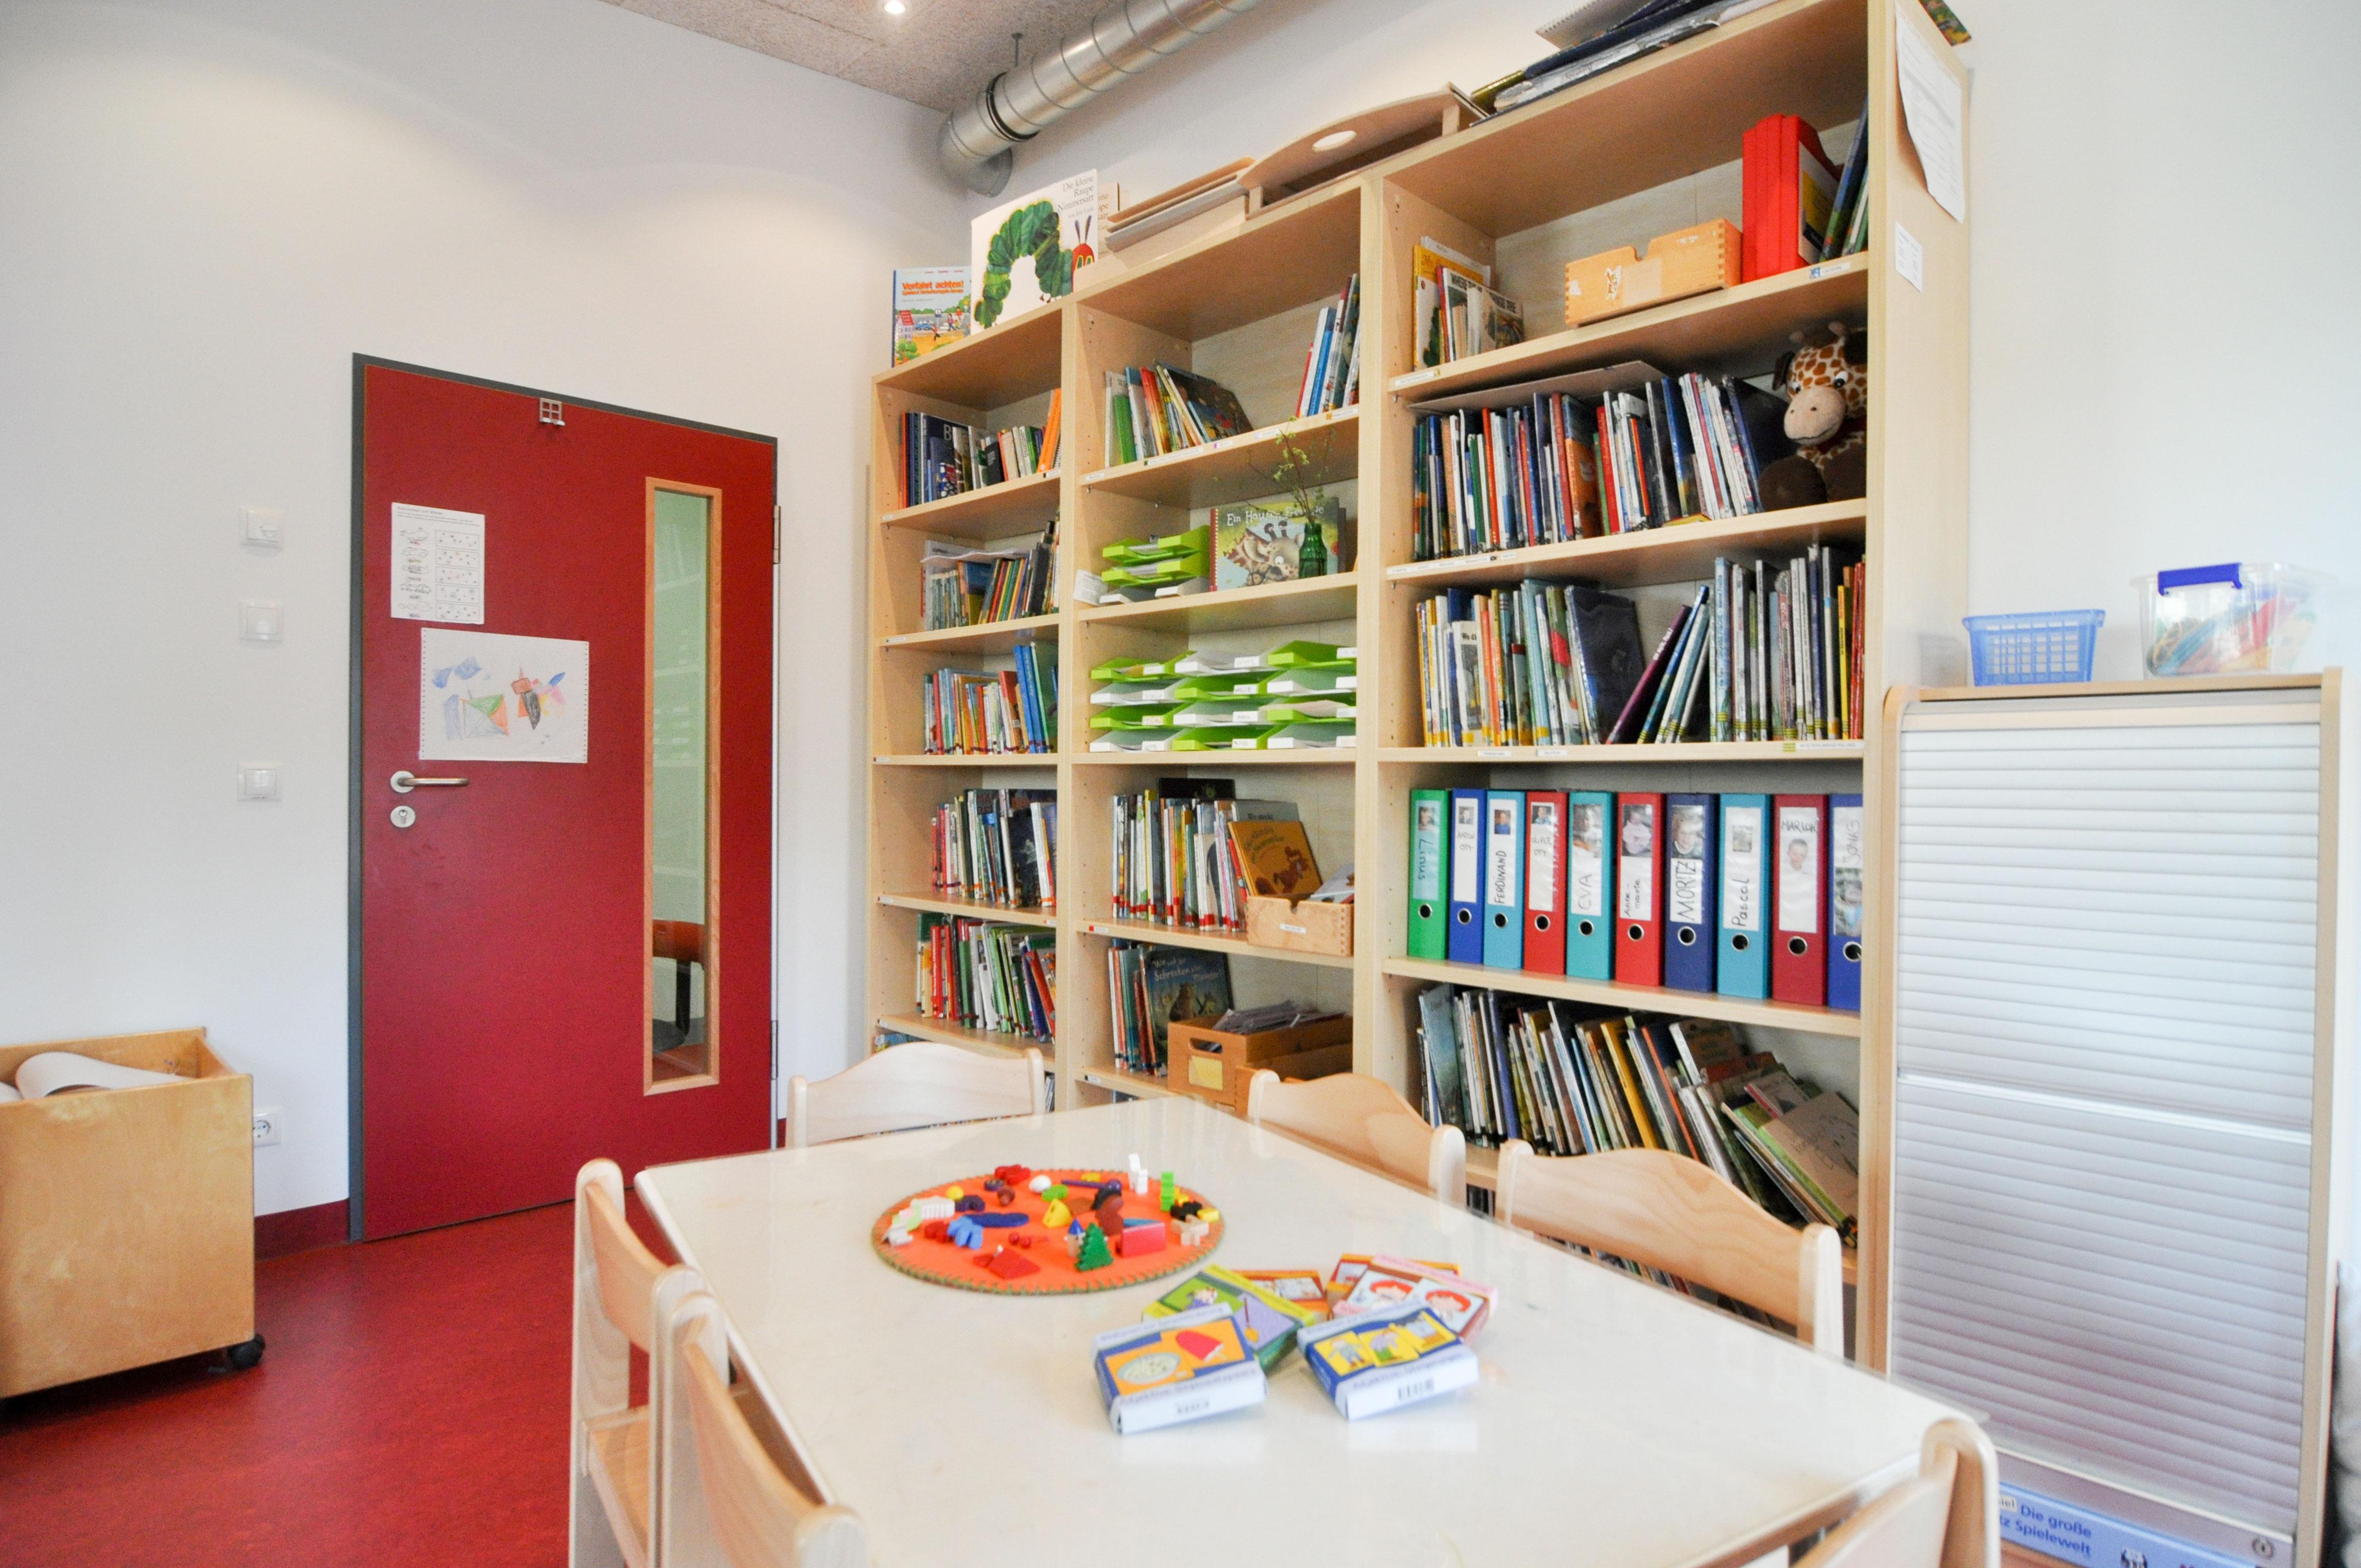 Literacyzimmer